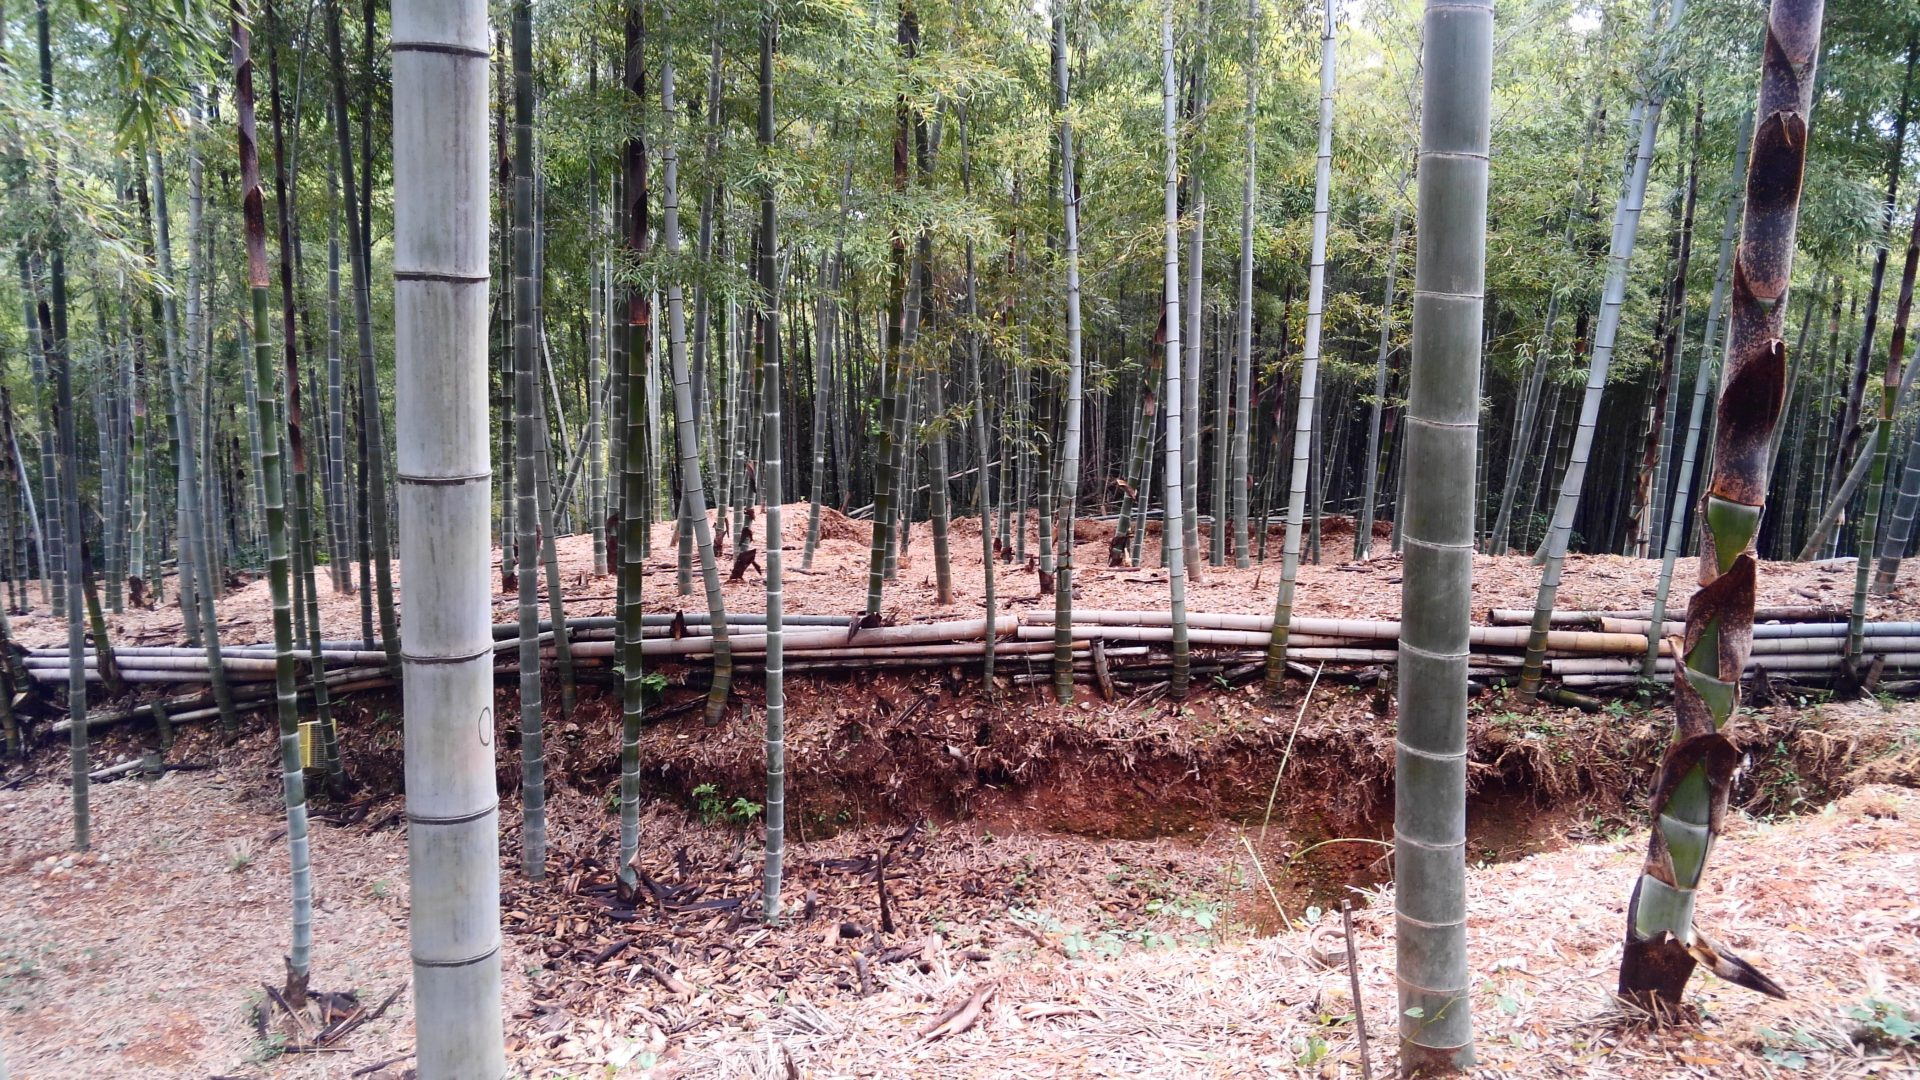 長岡京の竹林ですき焼きパーティー。竹林の平らな部分はパワースポットに!